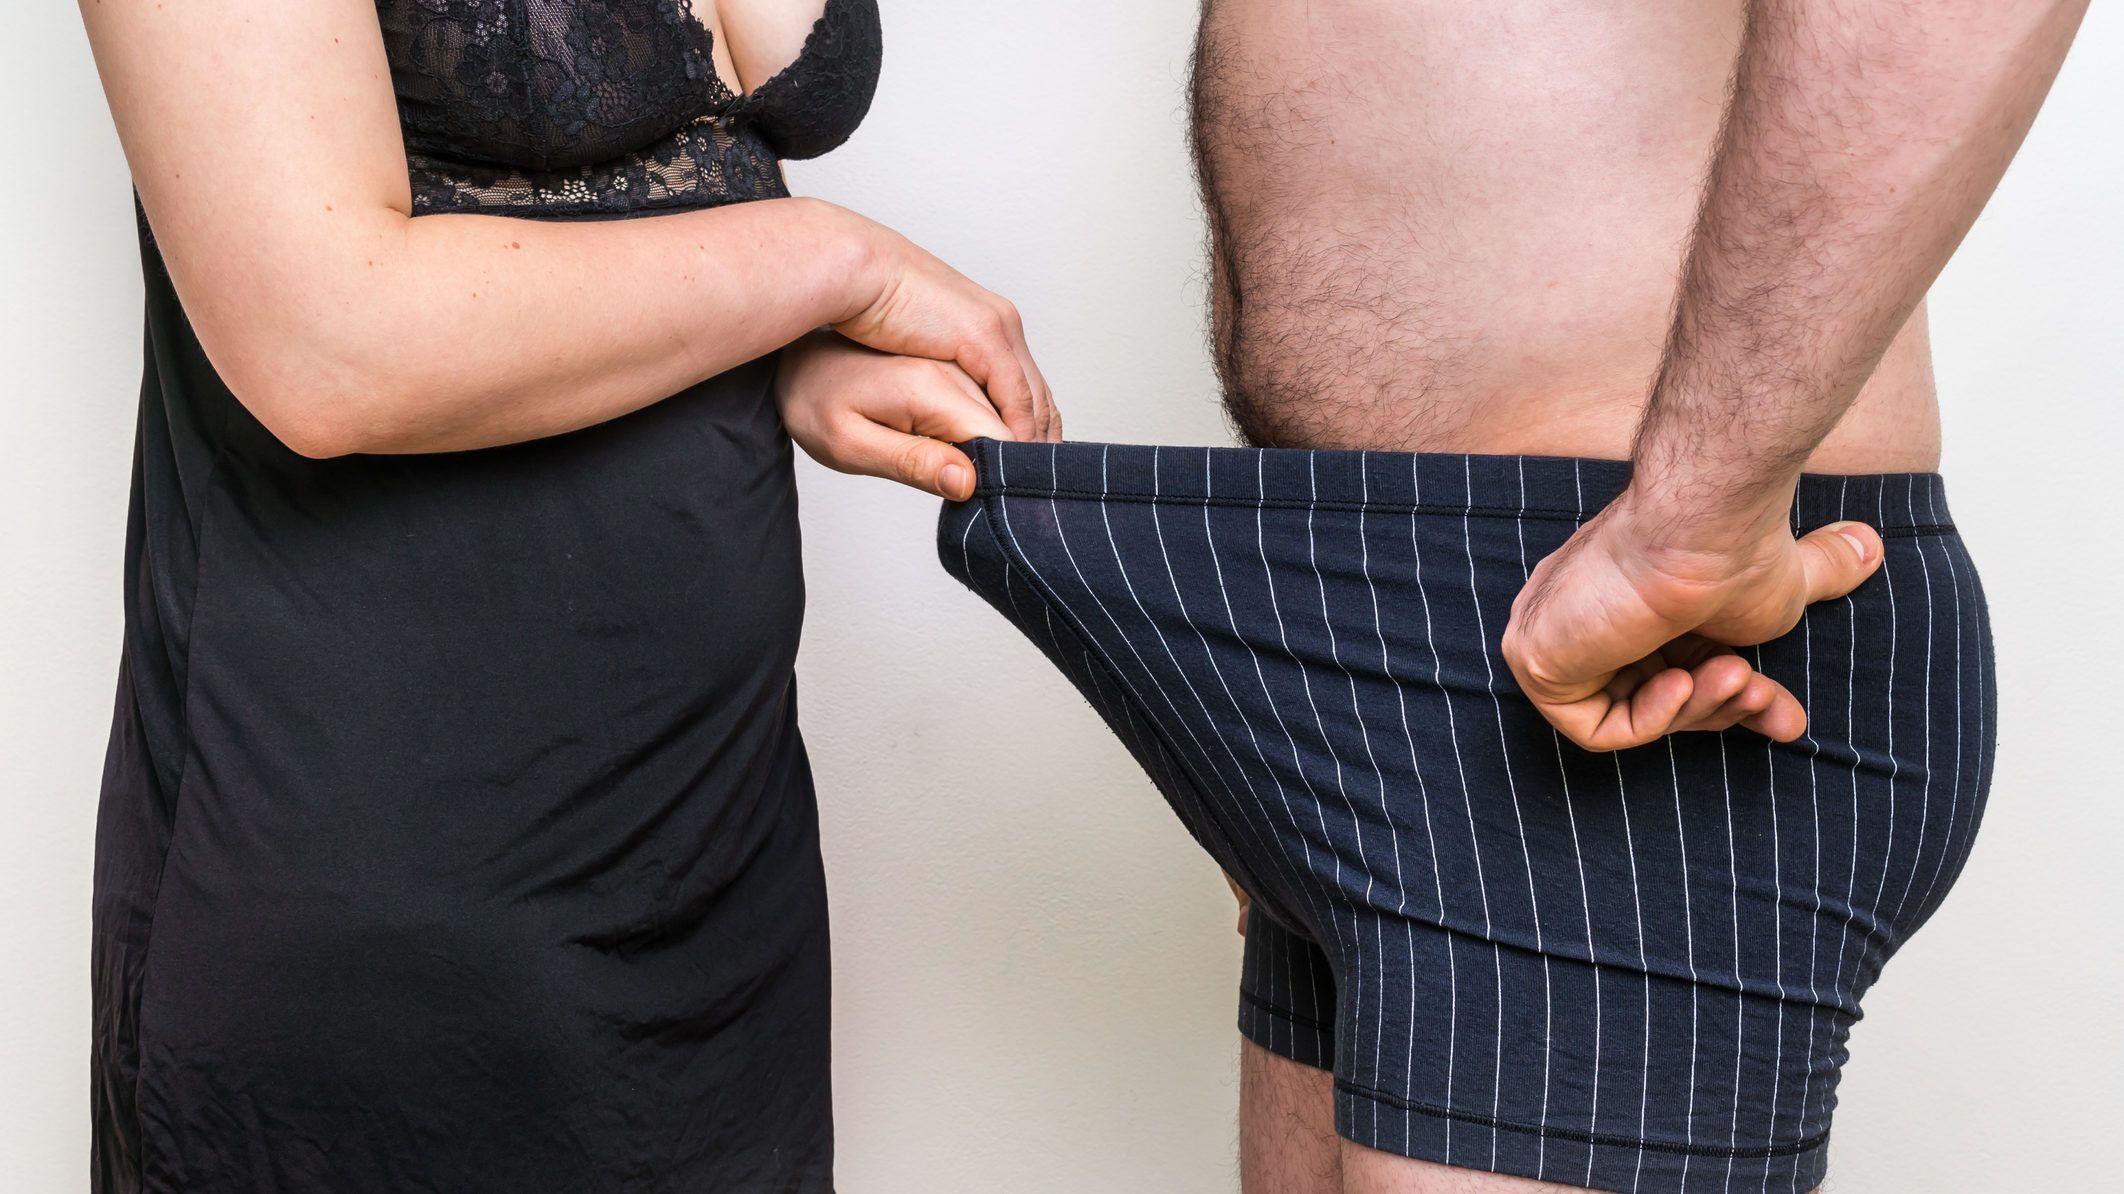 hogyan lehet növelni a pénisz méretét tippeket)